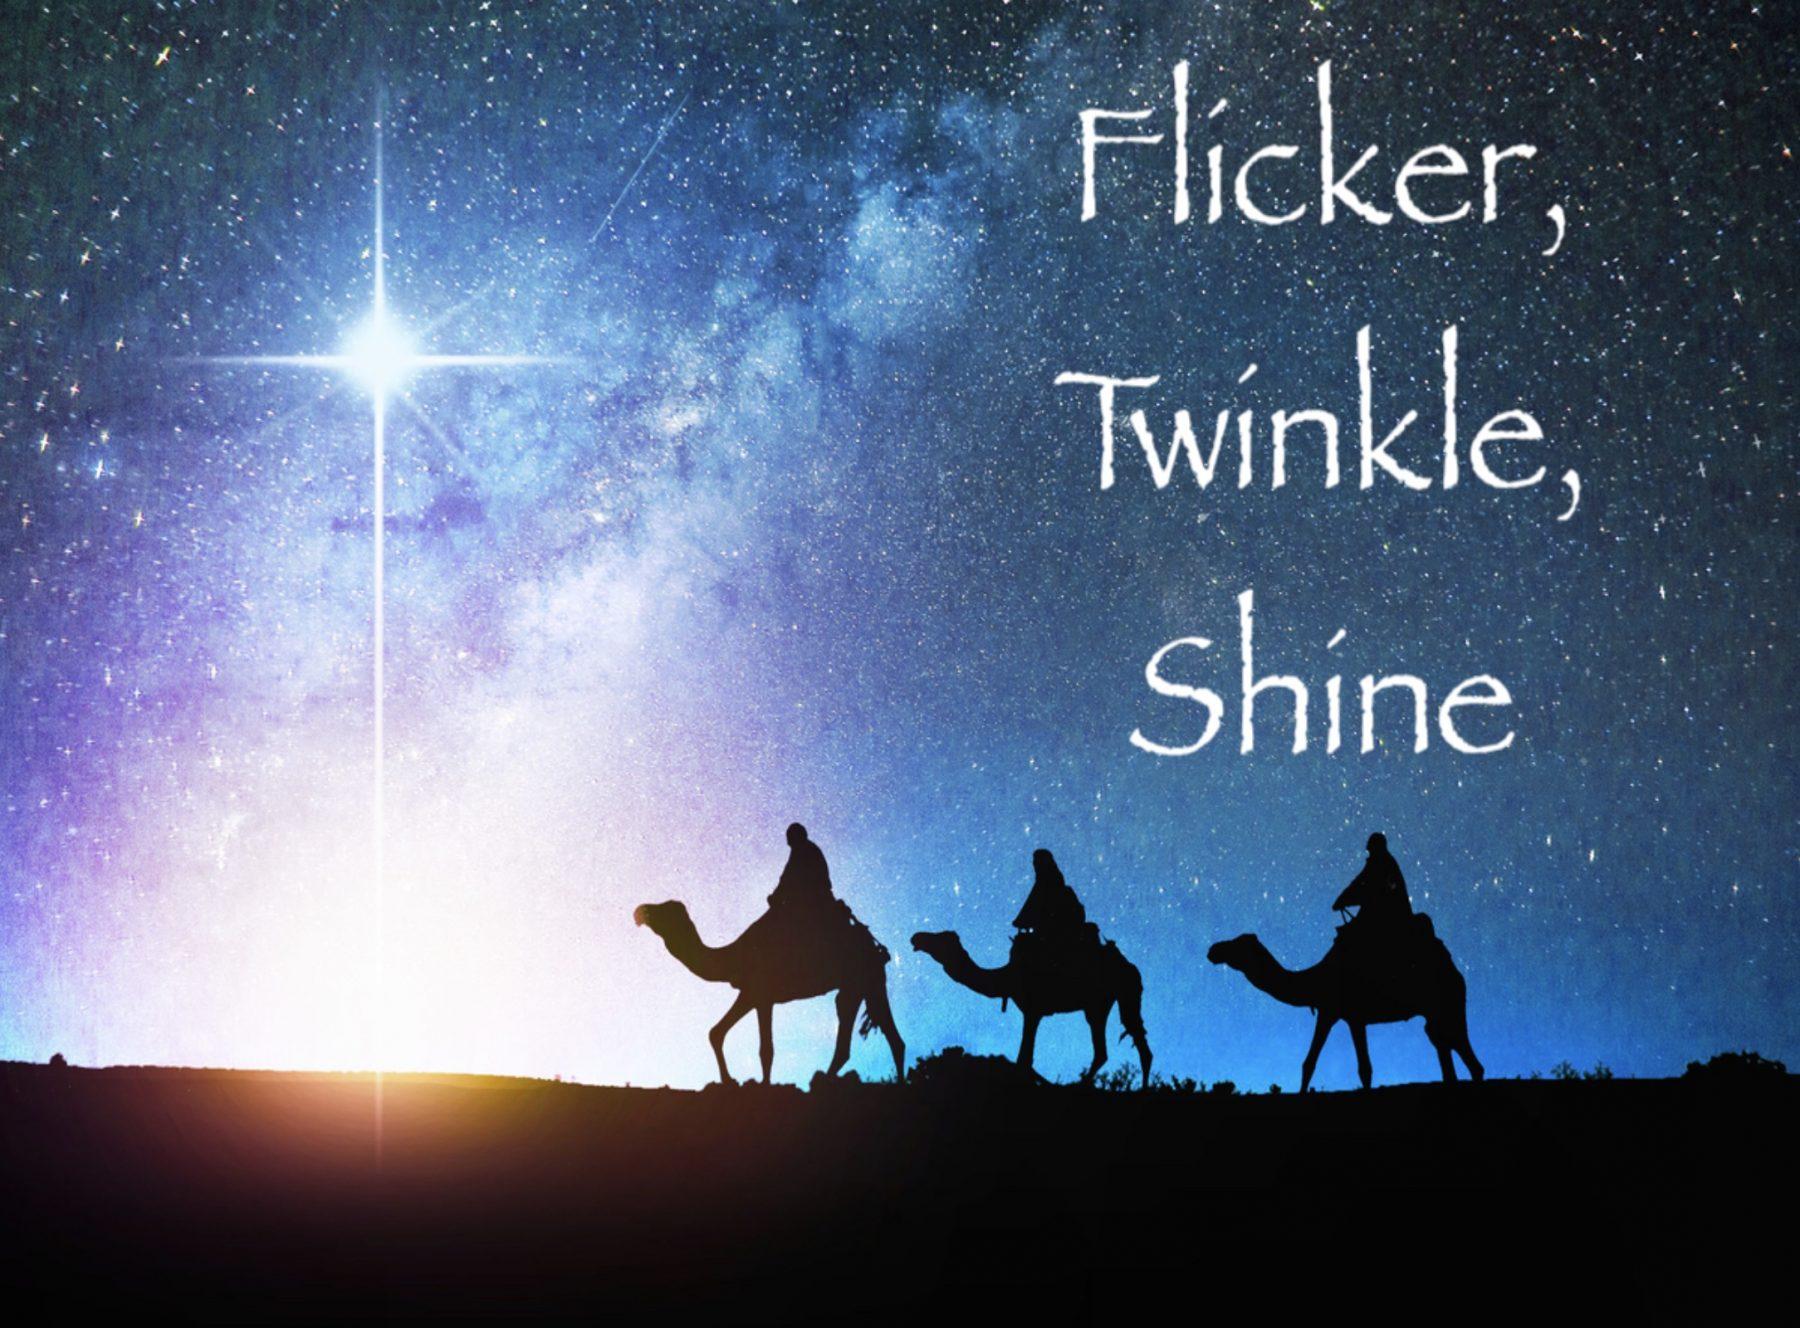 Flicker, Twinkle, Shine